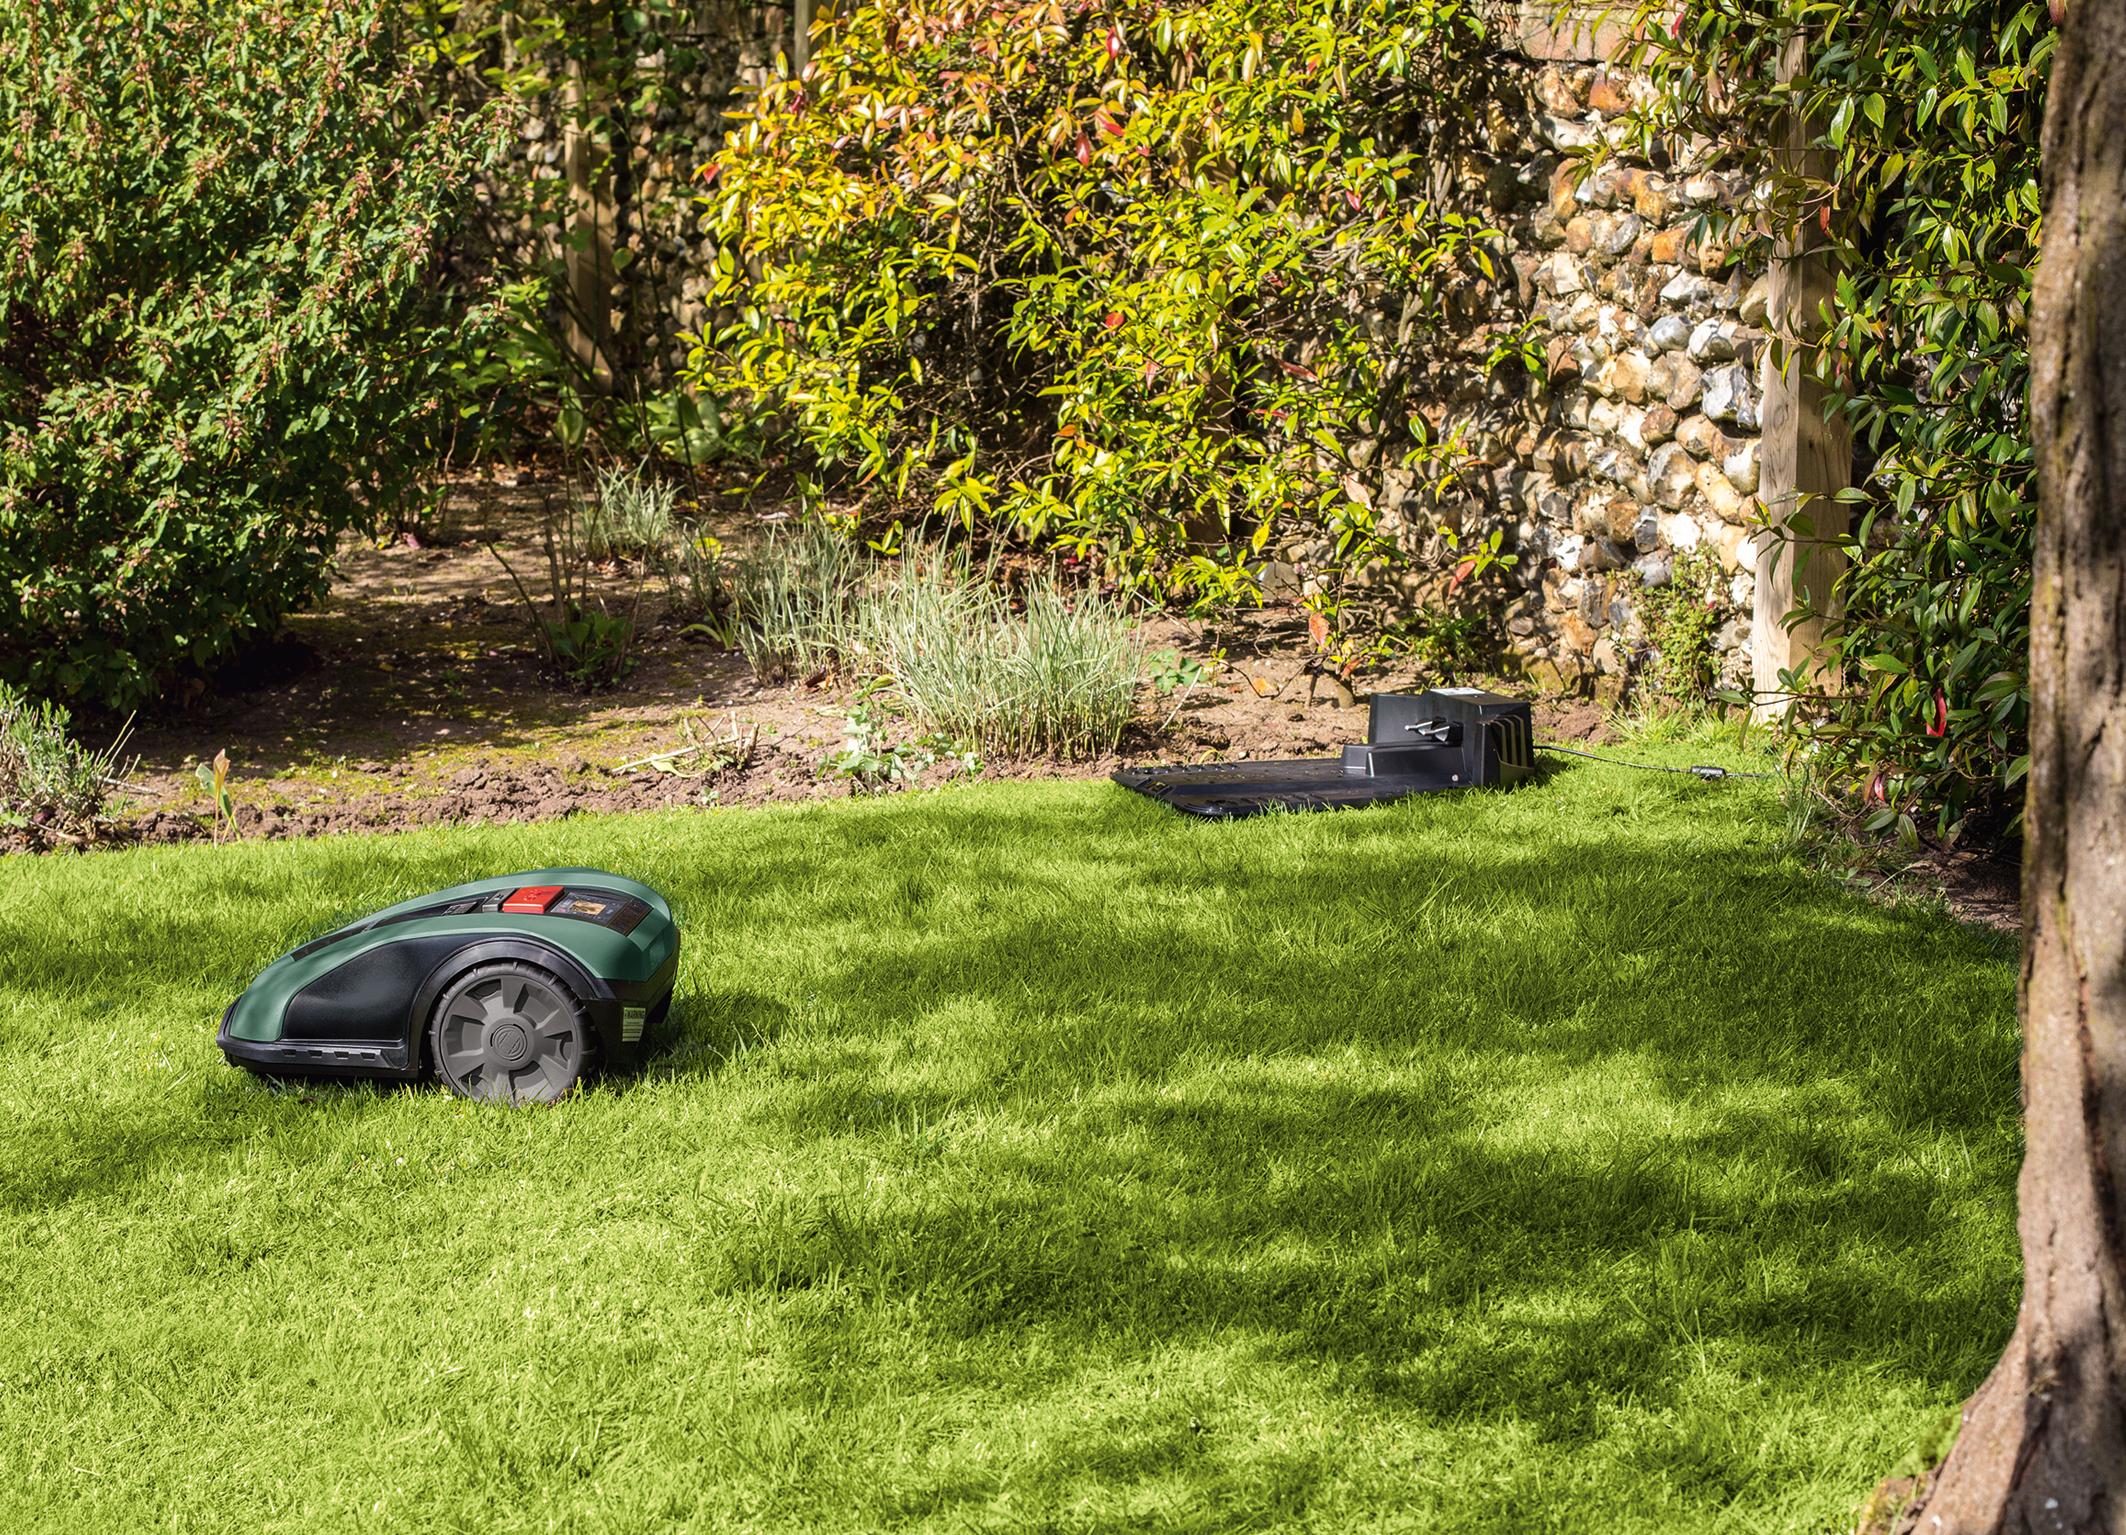 Vysoká přidaná hodnota pro uživatele díky přesnému měření plochy trávníku: Robotické sekačky Bosch Indego M 700 a Indego M+ 700